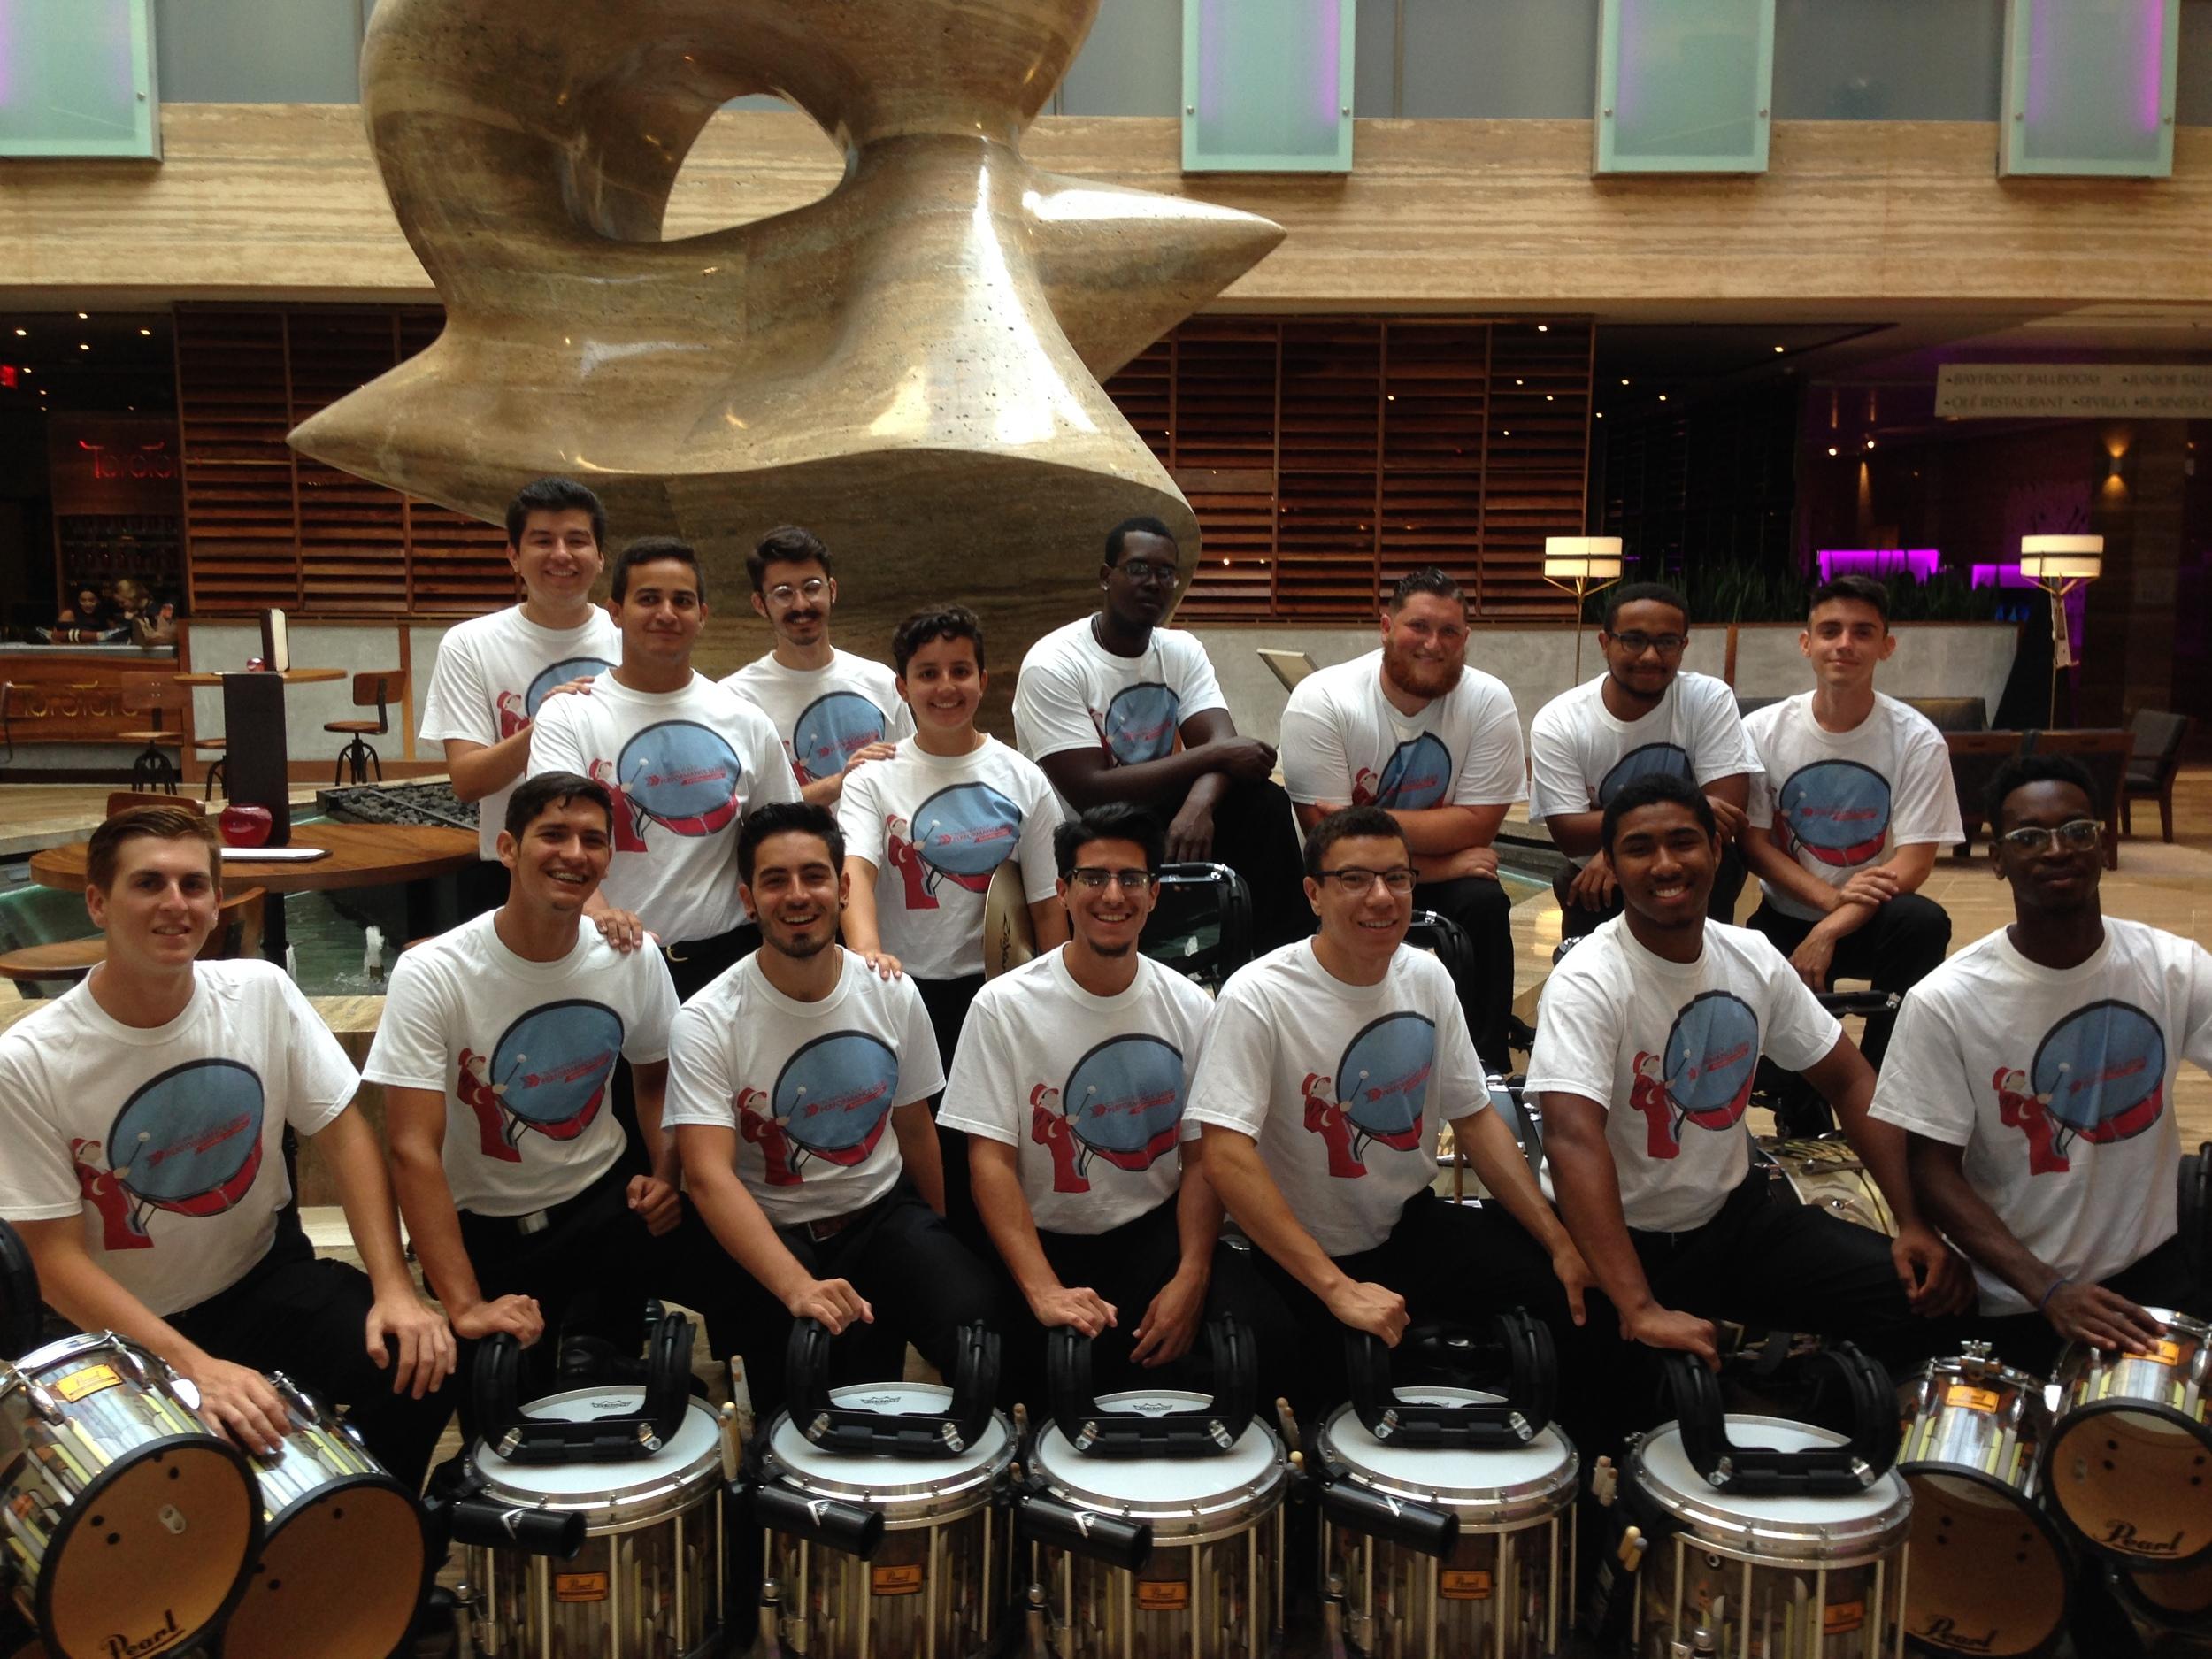 15 Member Drumline